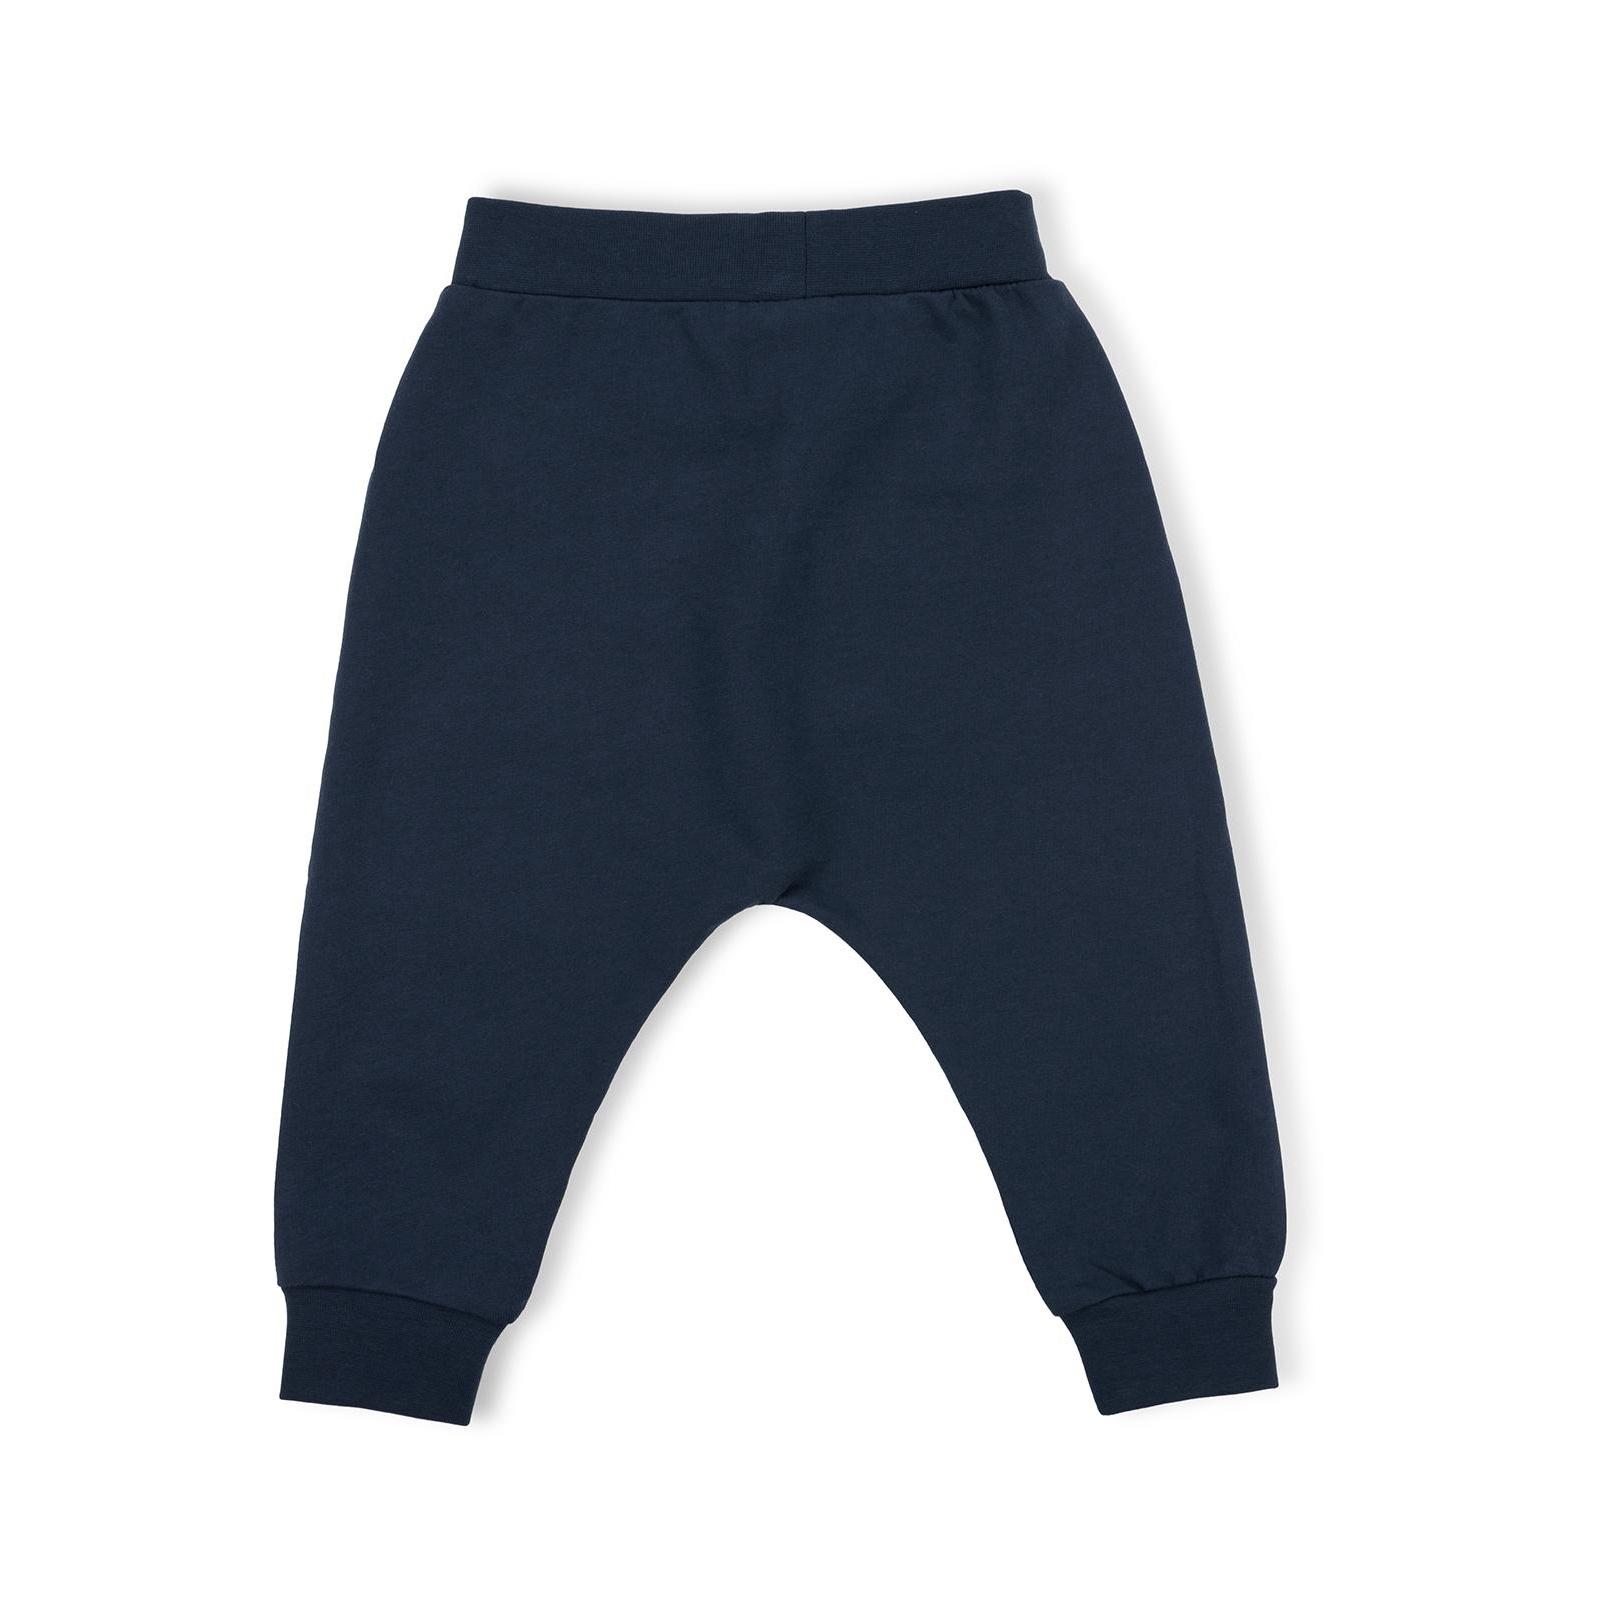 Набор детской одежды Breeze с карманчиками (10234-86G-blue) изображение 6